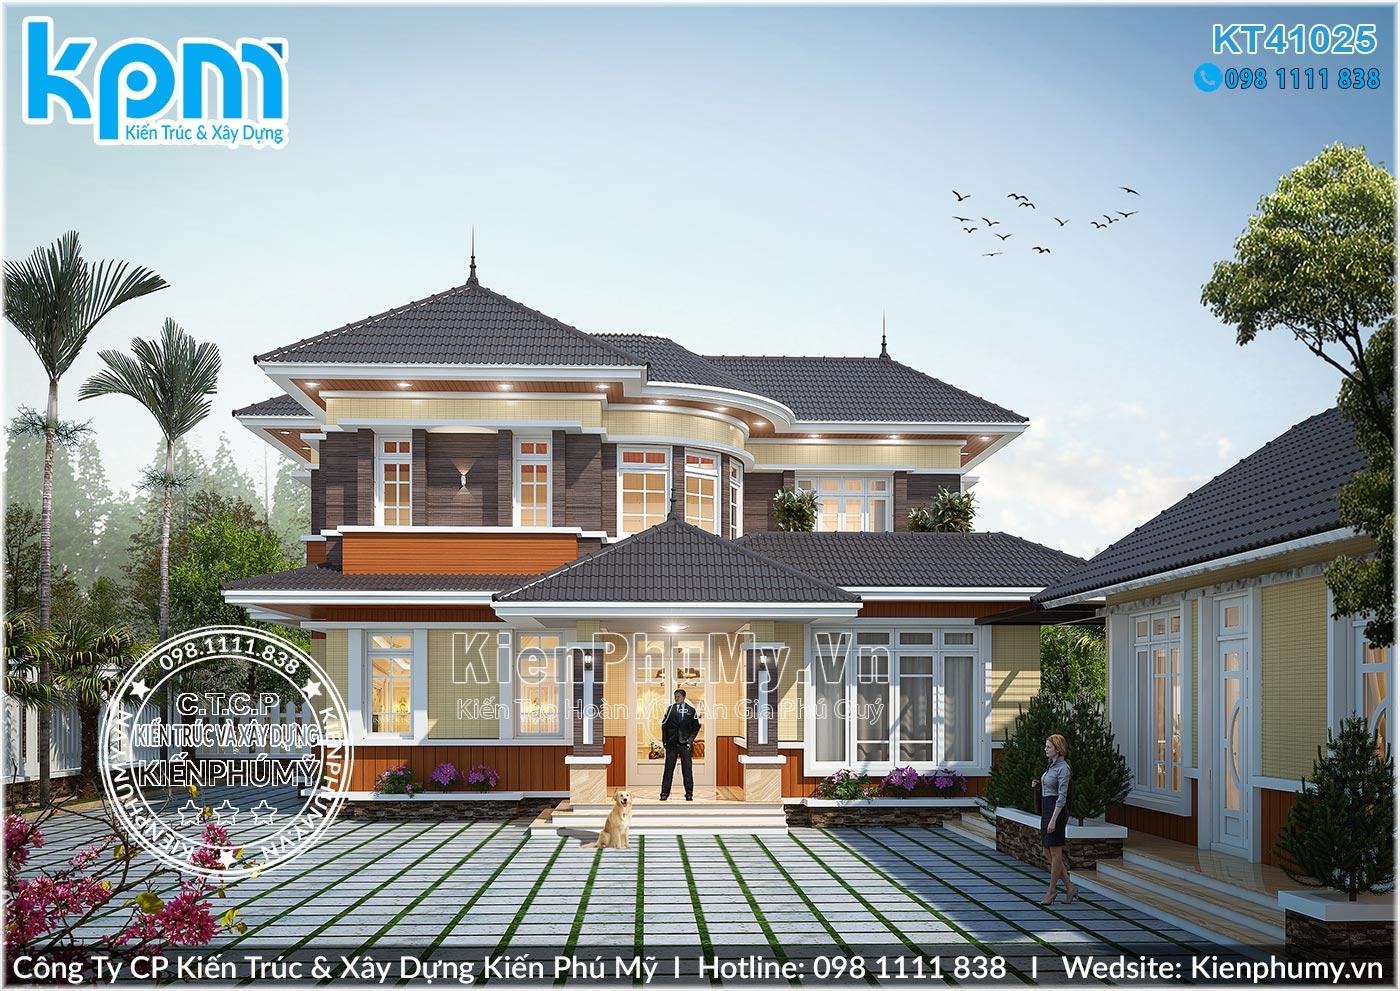 thiết kế mặt tiền biệt thự mái thái 2 tầng tại thái bình